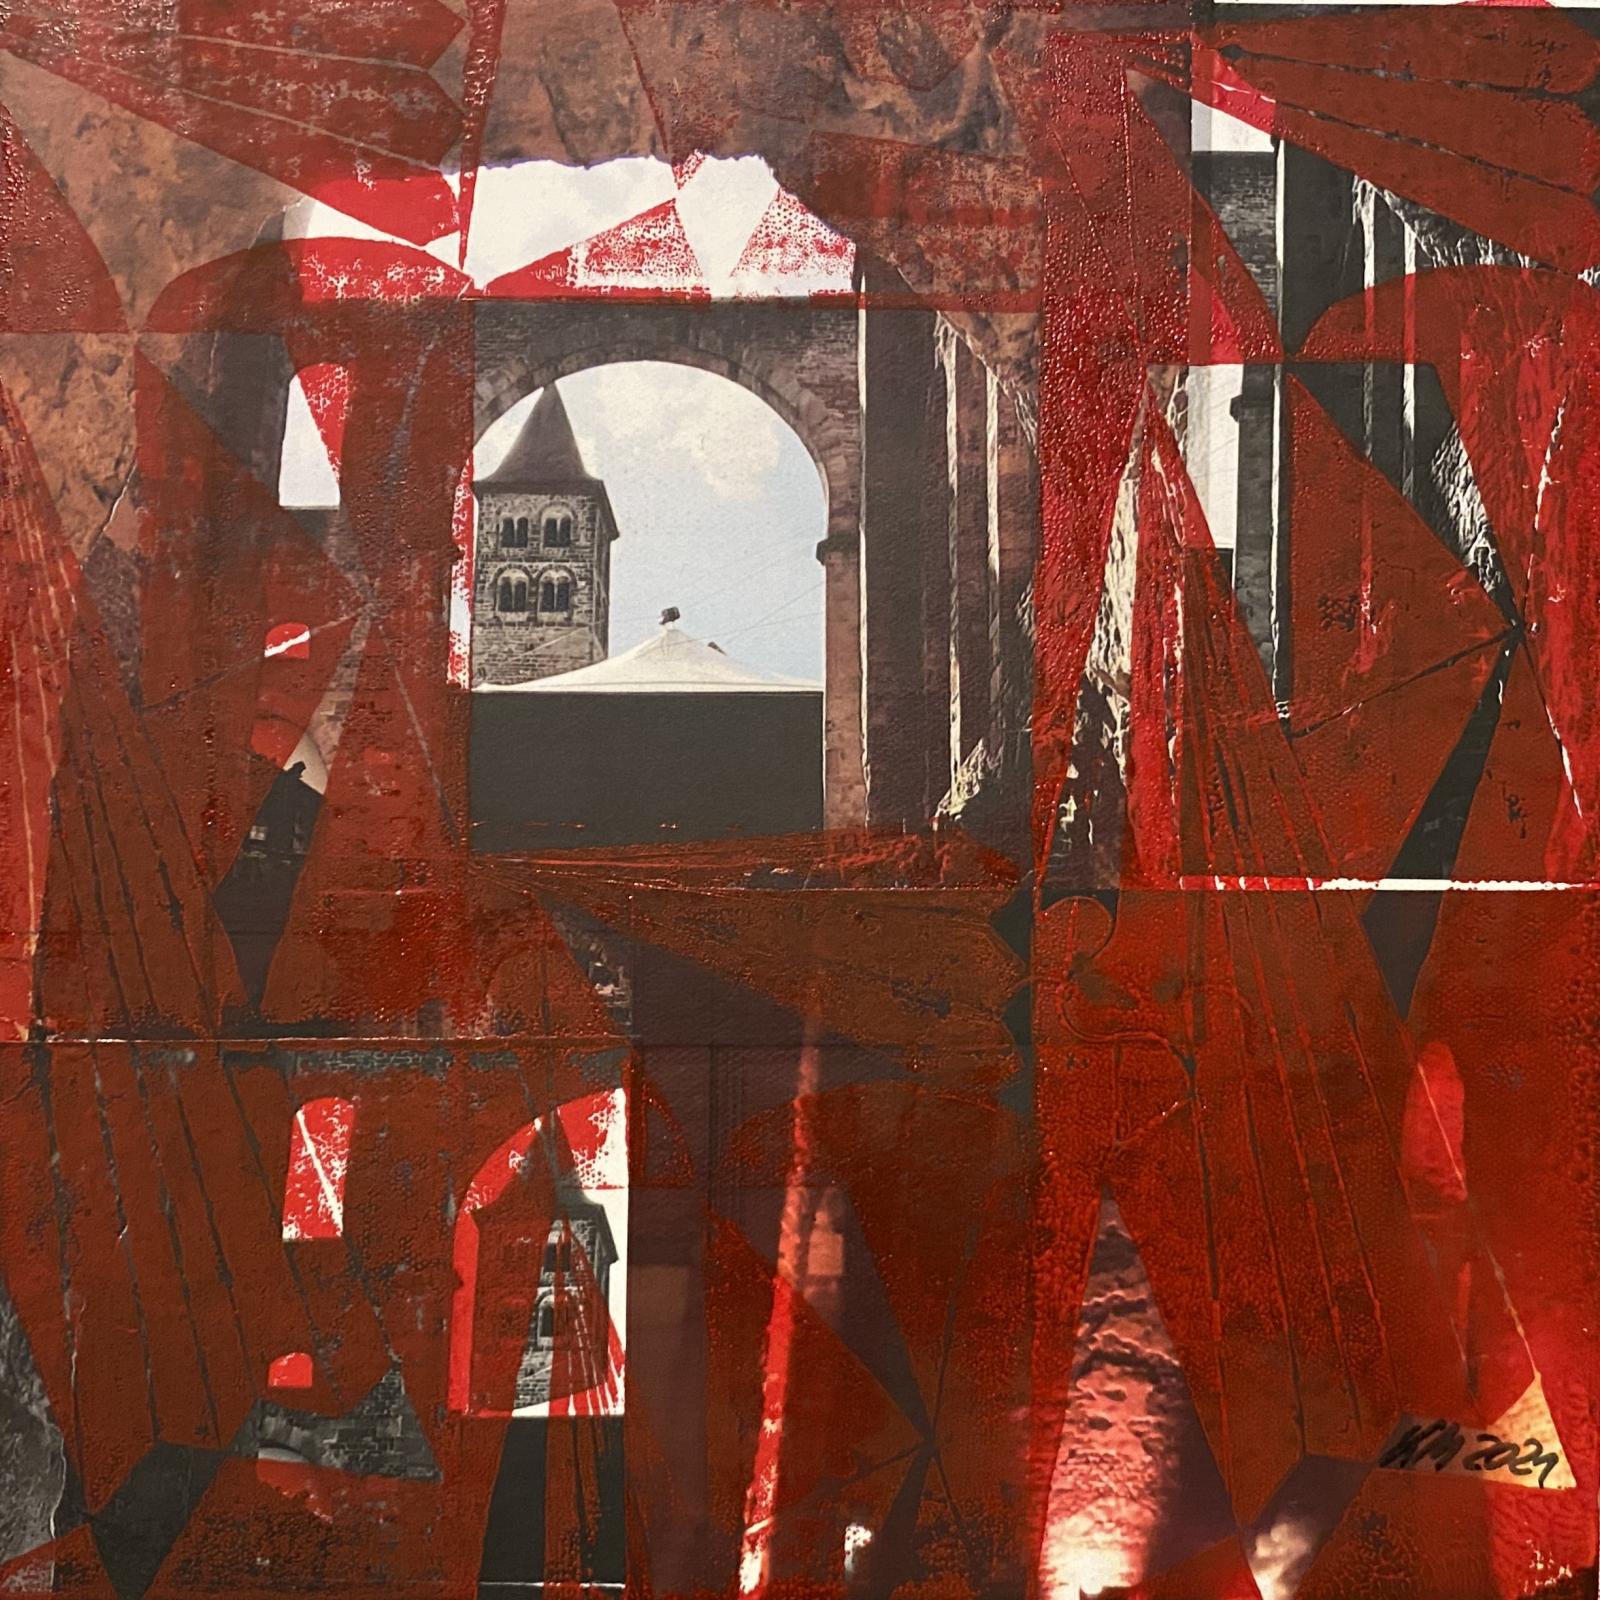 Ruine in Rot von Kerstin Micheel